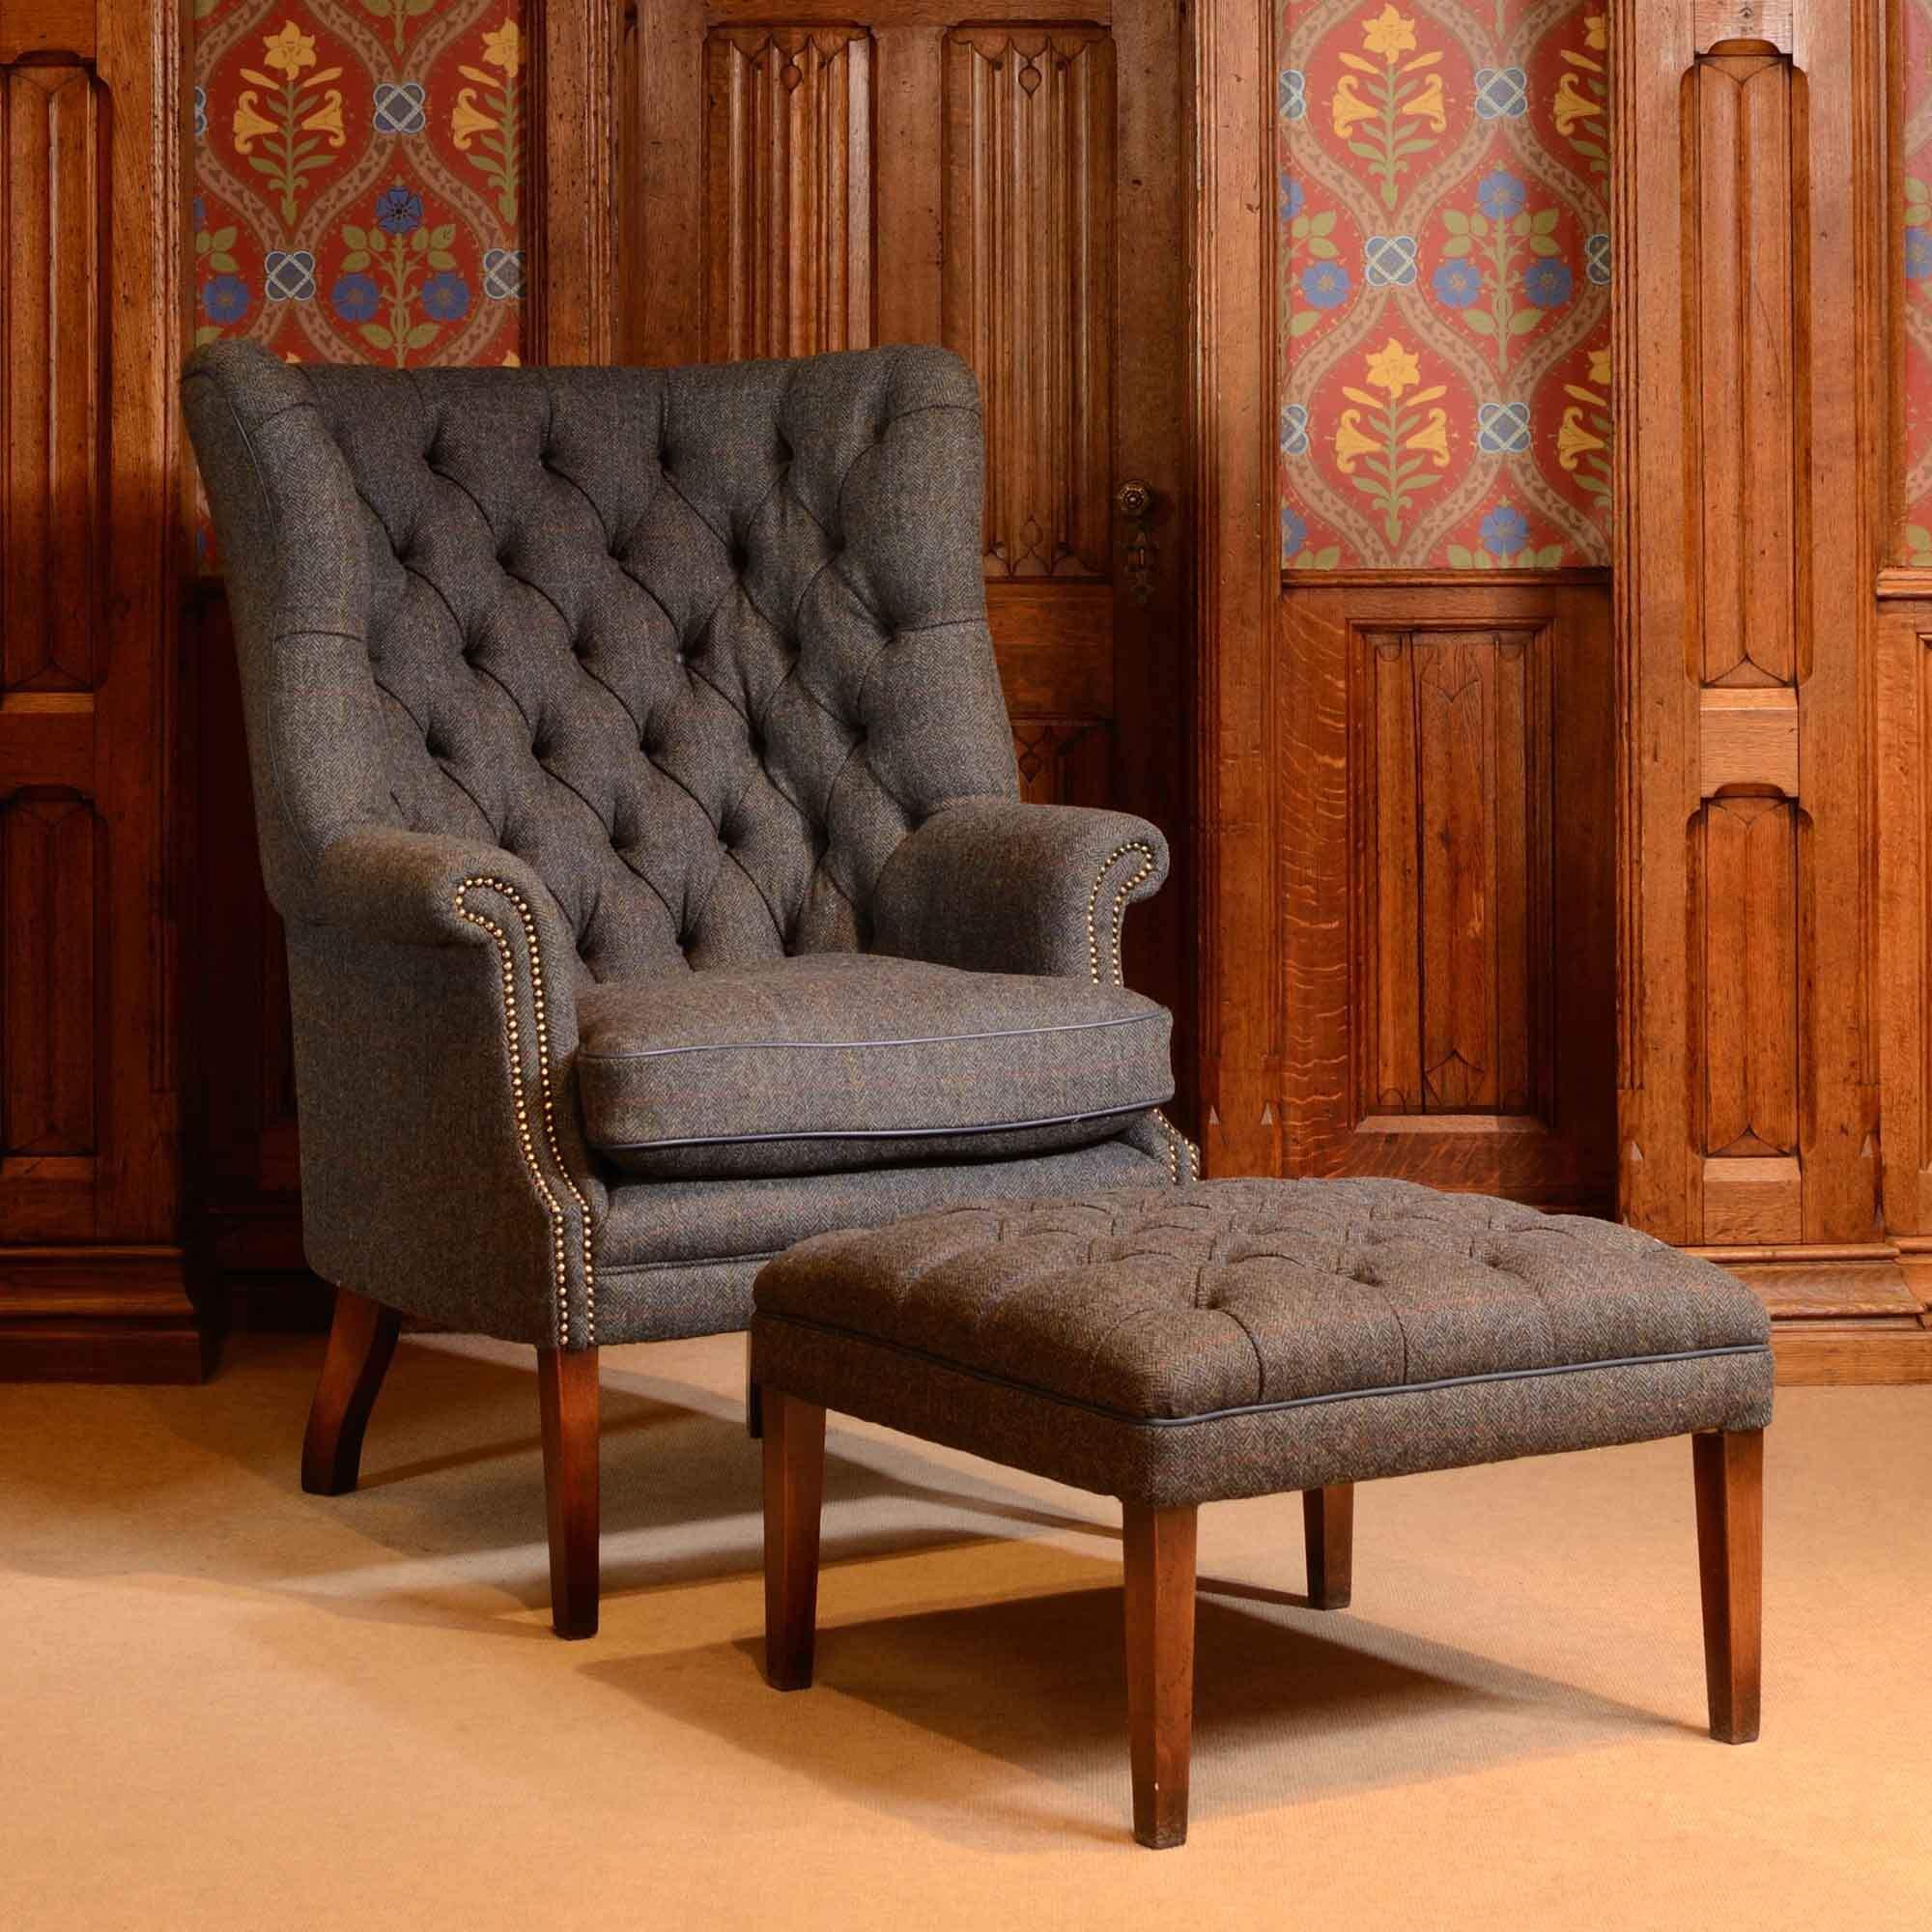 принтеры кресла в английском стиле фото указывают качестве